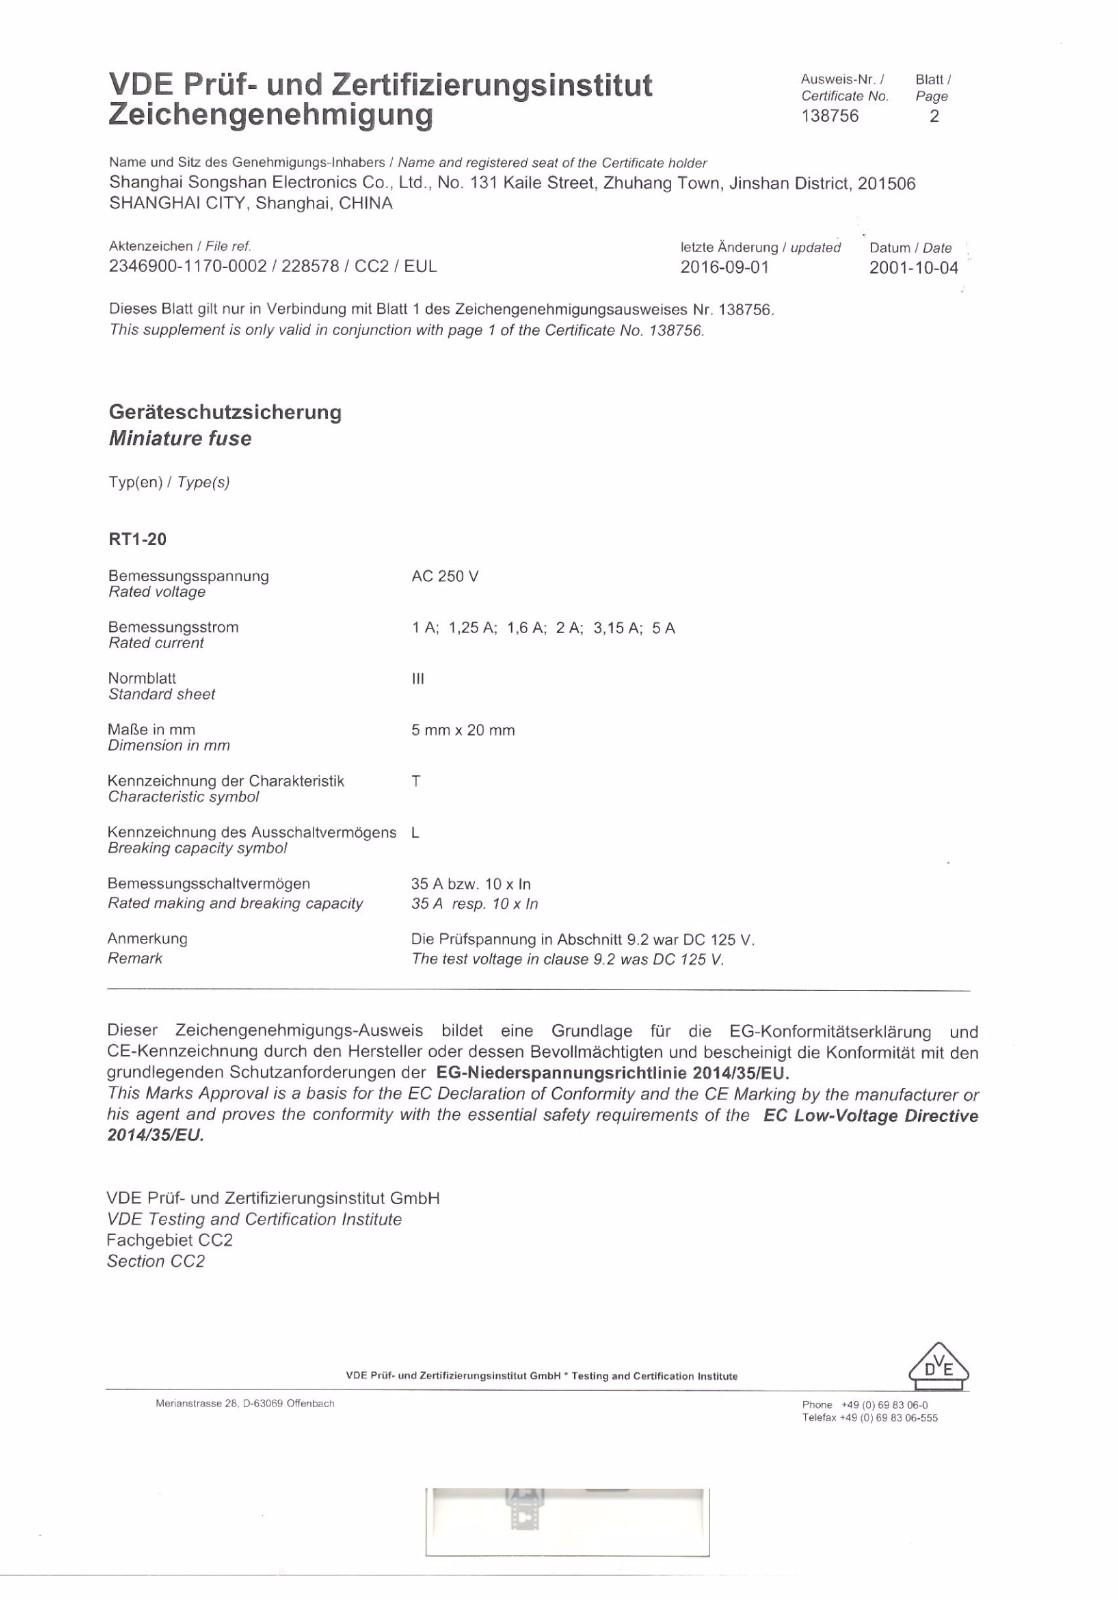 VDE Certification-2